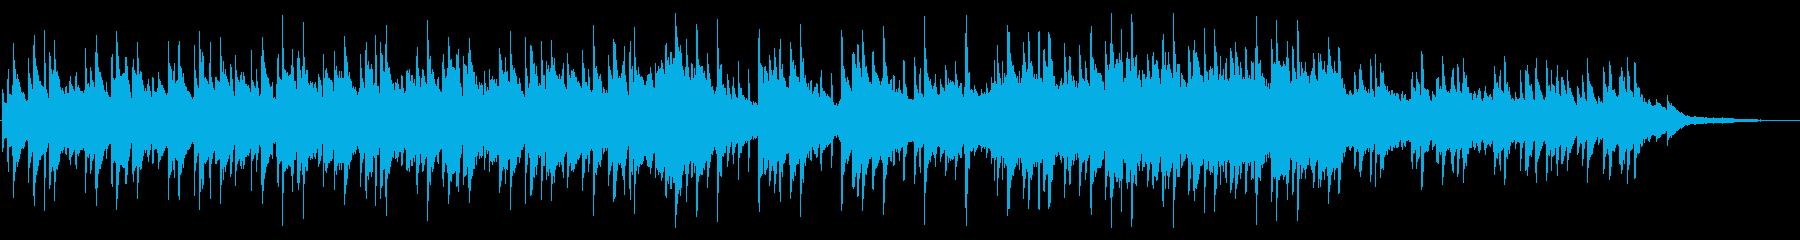 旅情 のんびり 琴の和風BGMの再生済みの波形